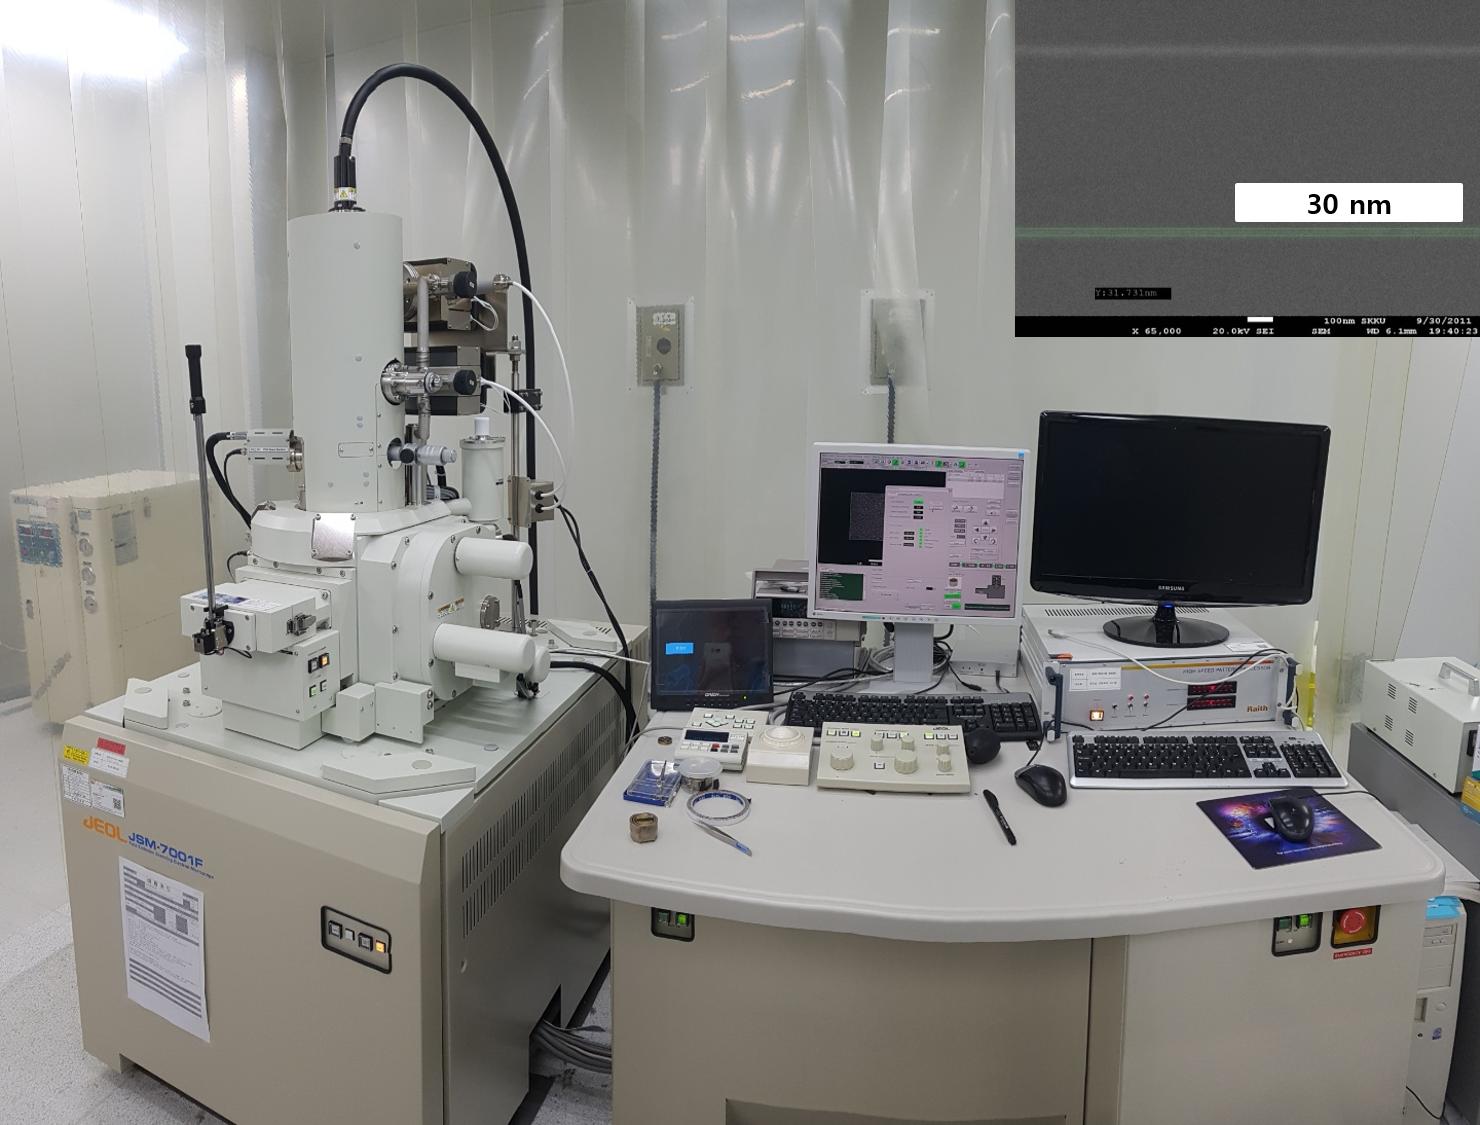 Field Effect - Scanning Electron Microscope (FE-SEM), Rapid Pattern Processor(JEOL, Raith)